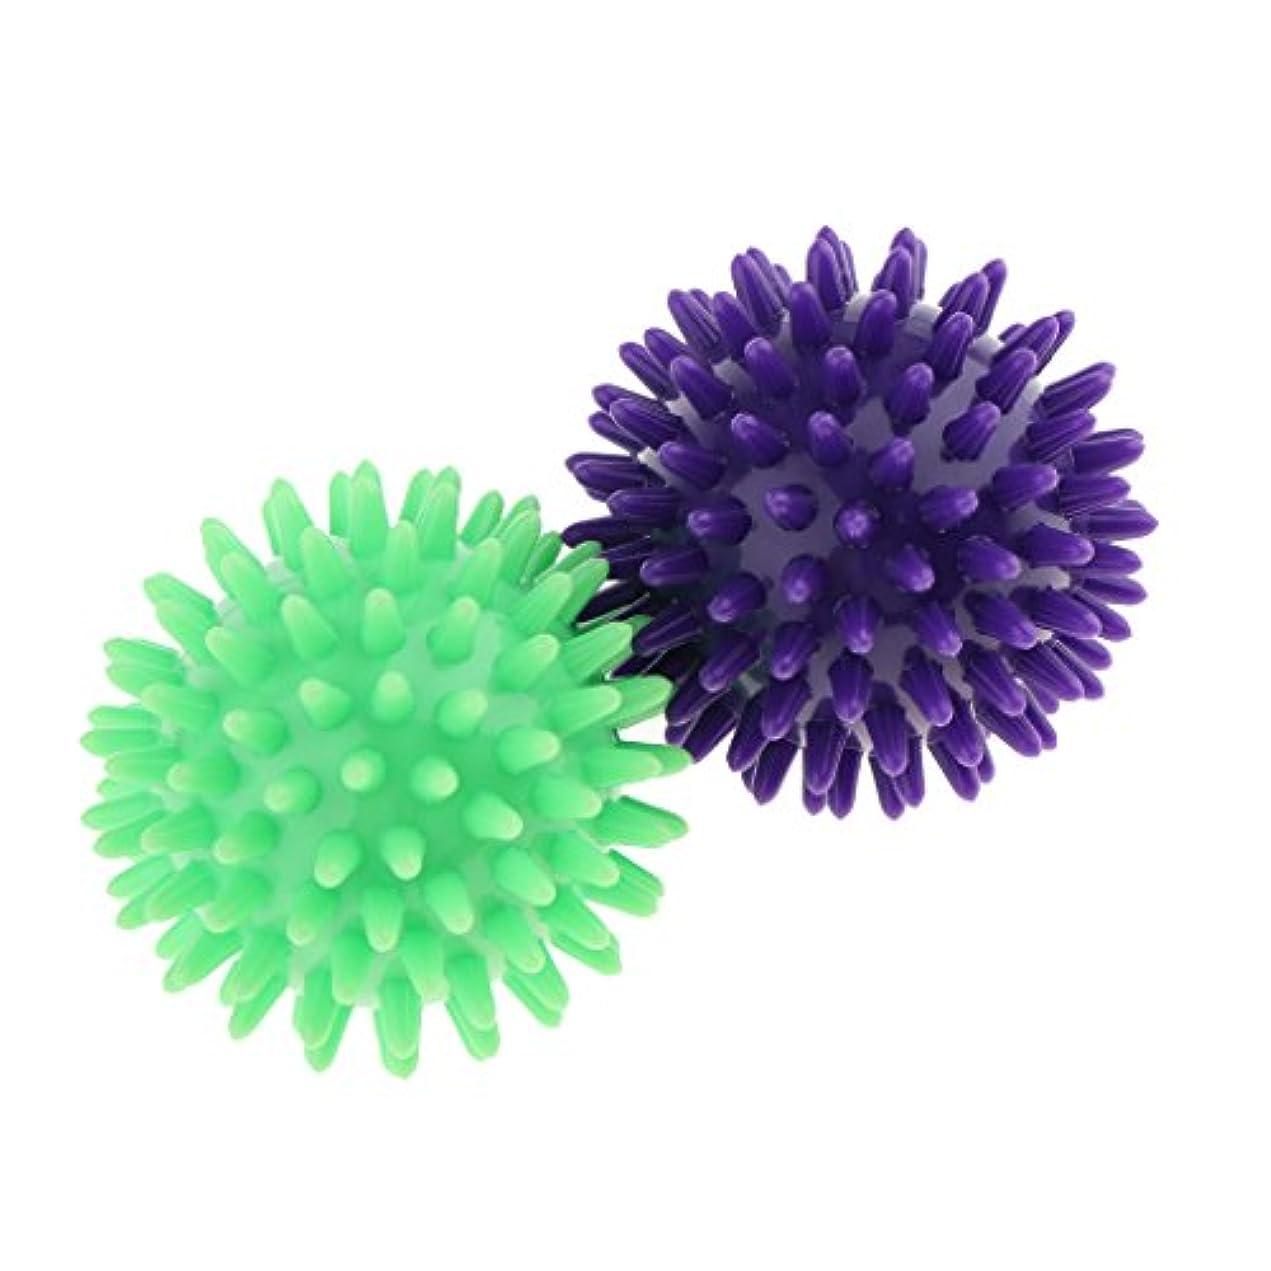 テクスチャーレッスン買い物に行くマッサージボール スパイシー マッサージ ボディトリガー リラックス PVC 2個セット 3タイプ選べ - 紫ライトグリーン